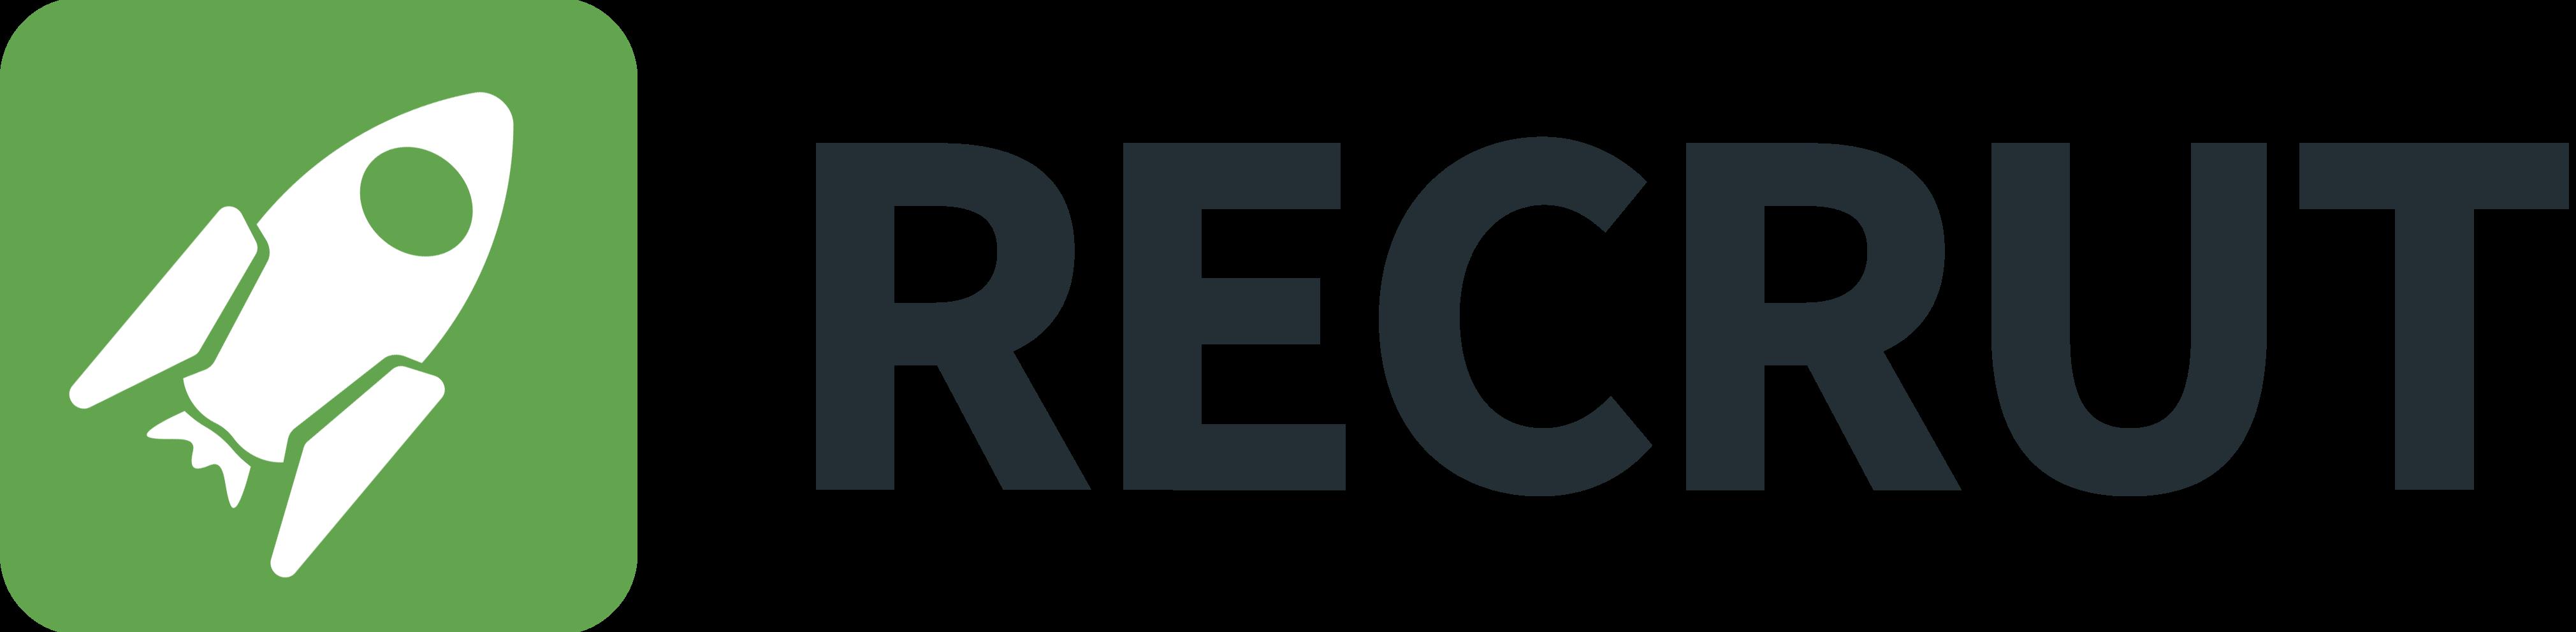 Recrut logo